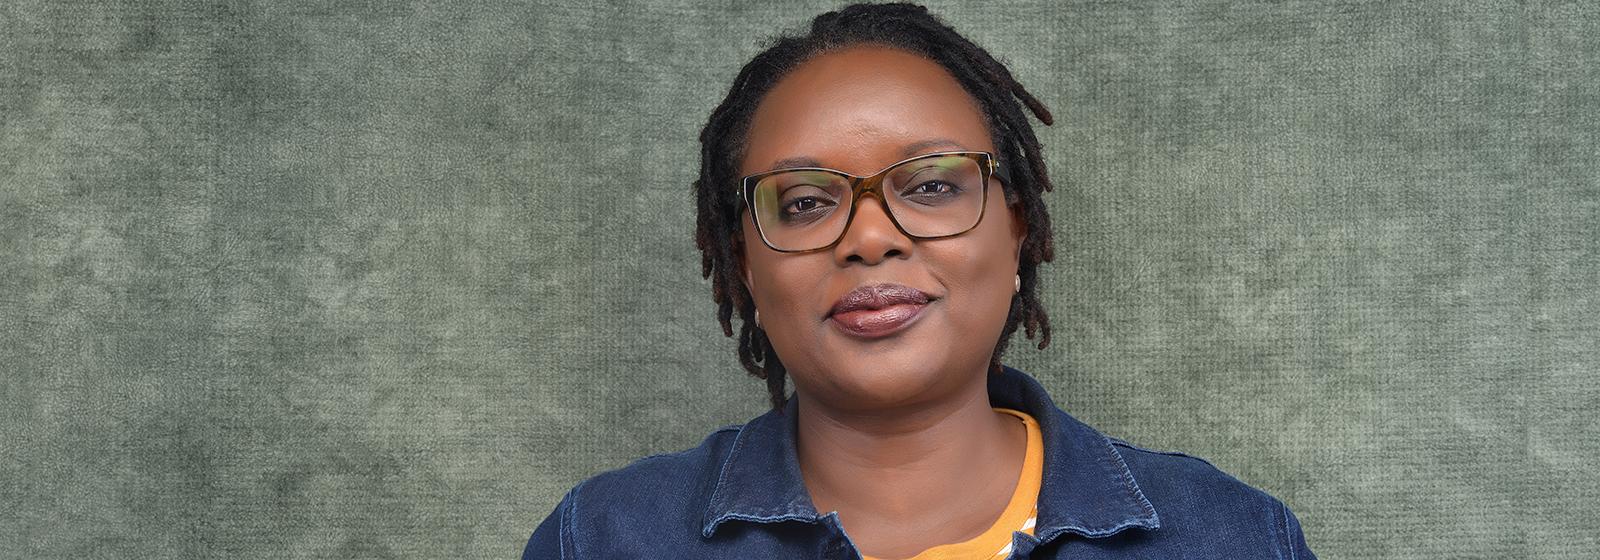 El valioso legado de Esther Mwangi para la investigación sobre género y bosques